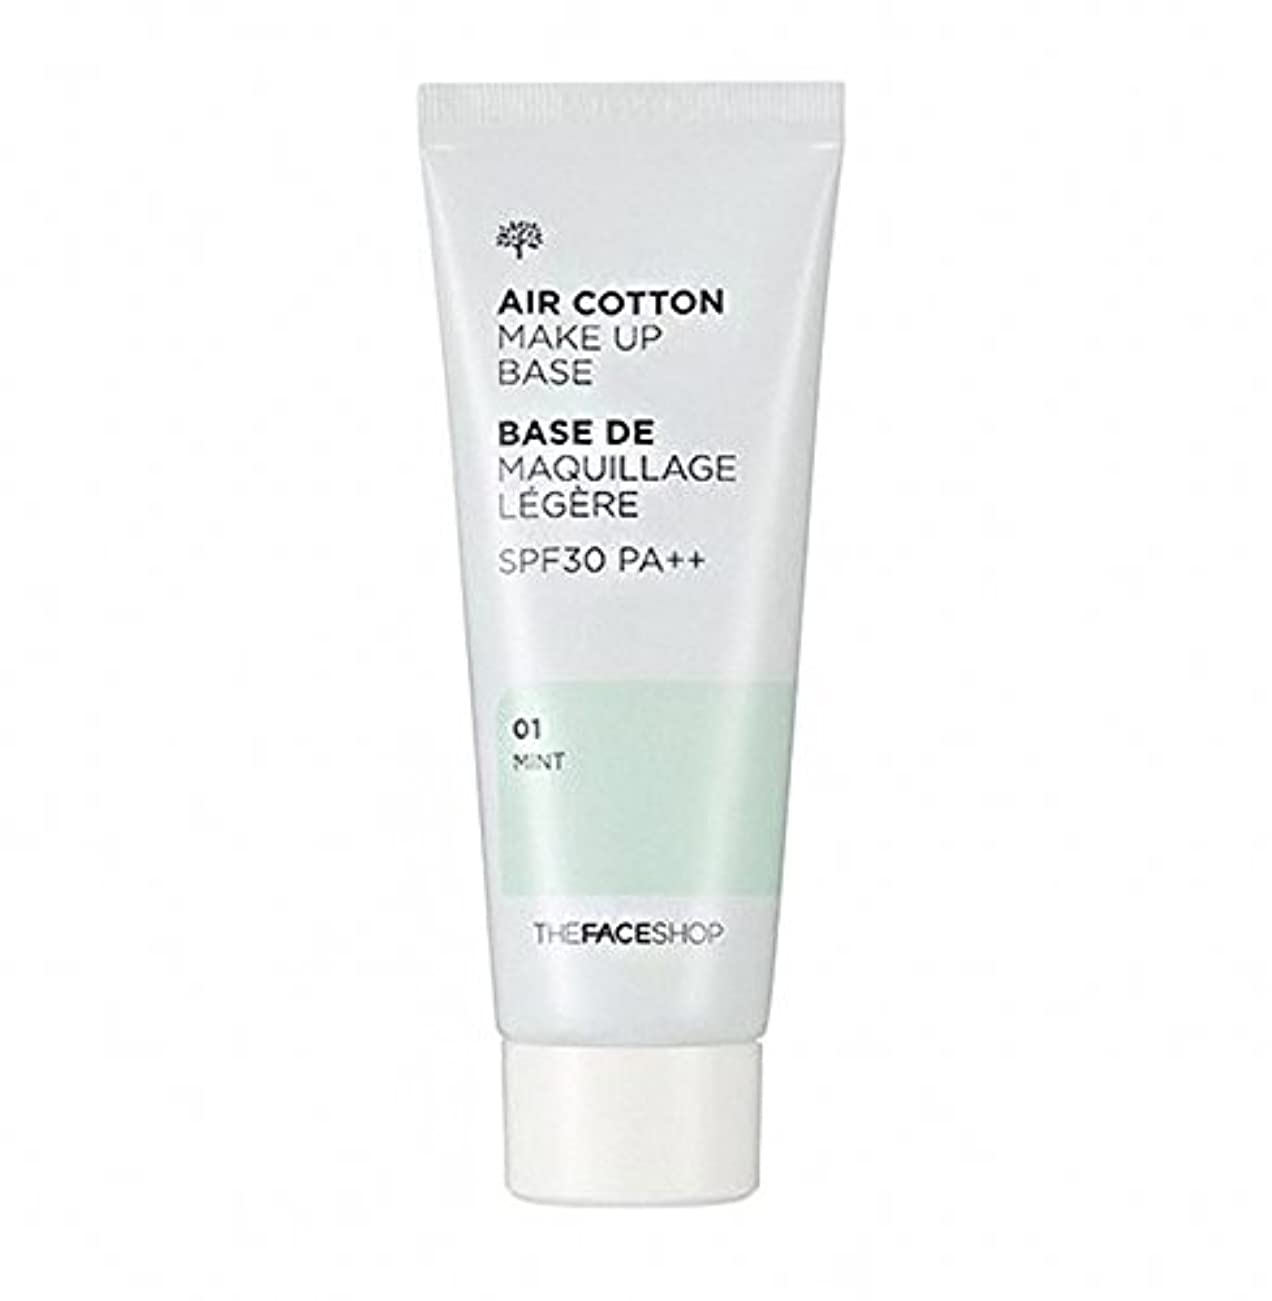 クリープ細部鍔ザ·フェイスショップ The Face Shop エアコットン メーキャップ ベース 40ml(01 ミント) The Face Shop air Cotton Makeup Base 40ml(01 Mint) [海外直送品]